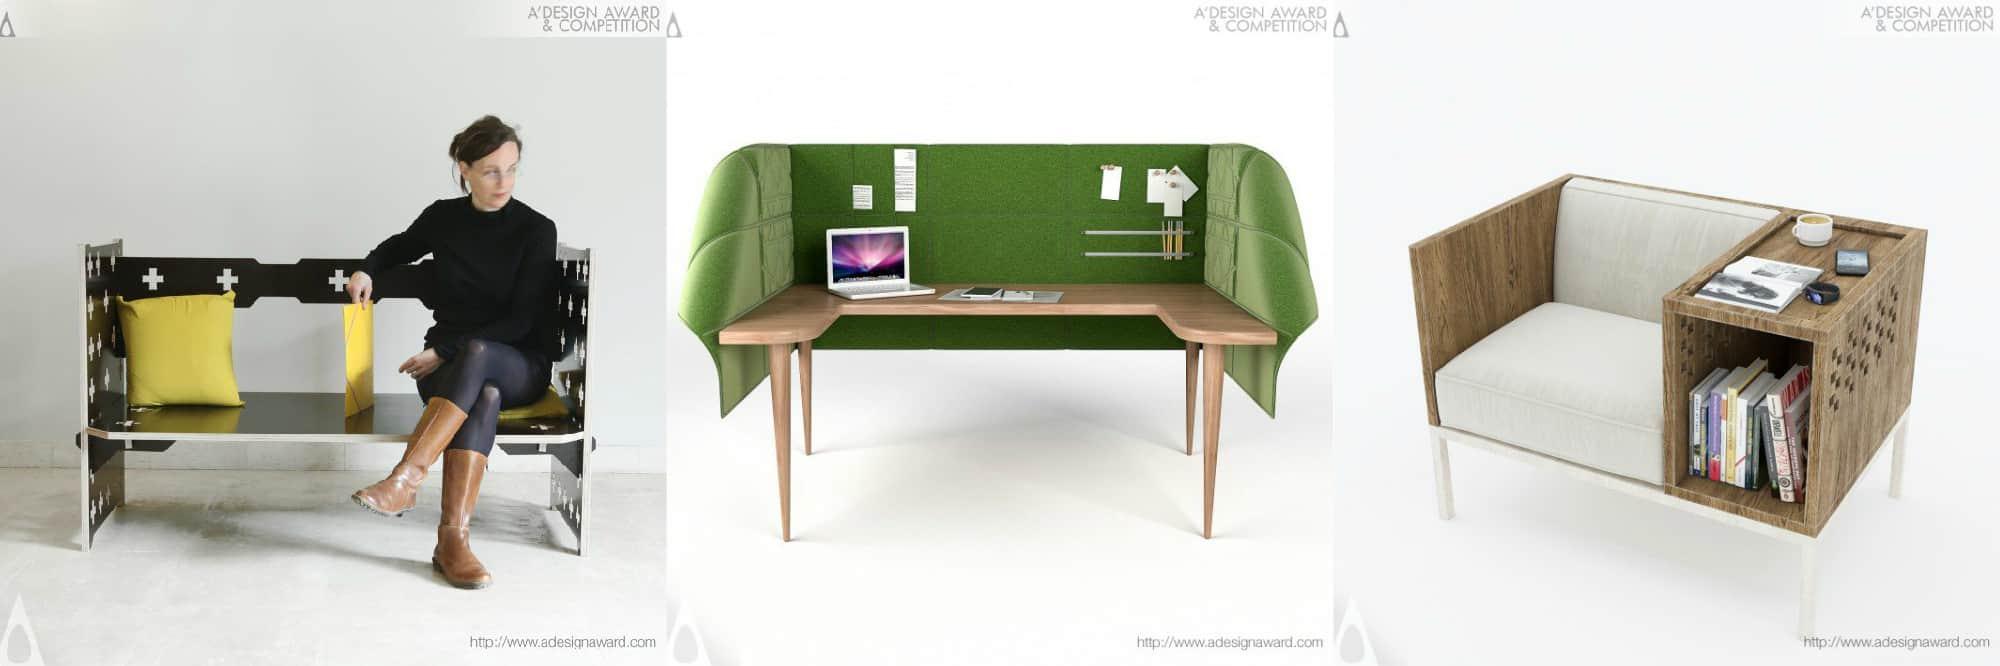 I trend nel campo dell'interior design per il 2020 con A'Design Award